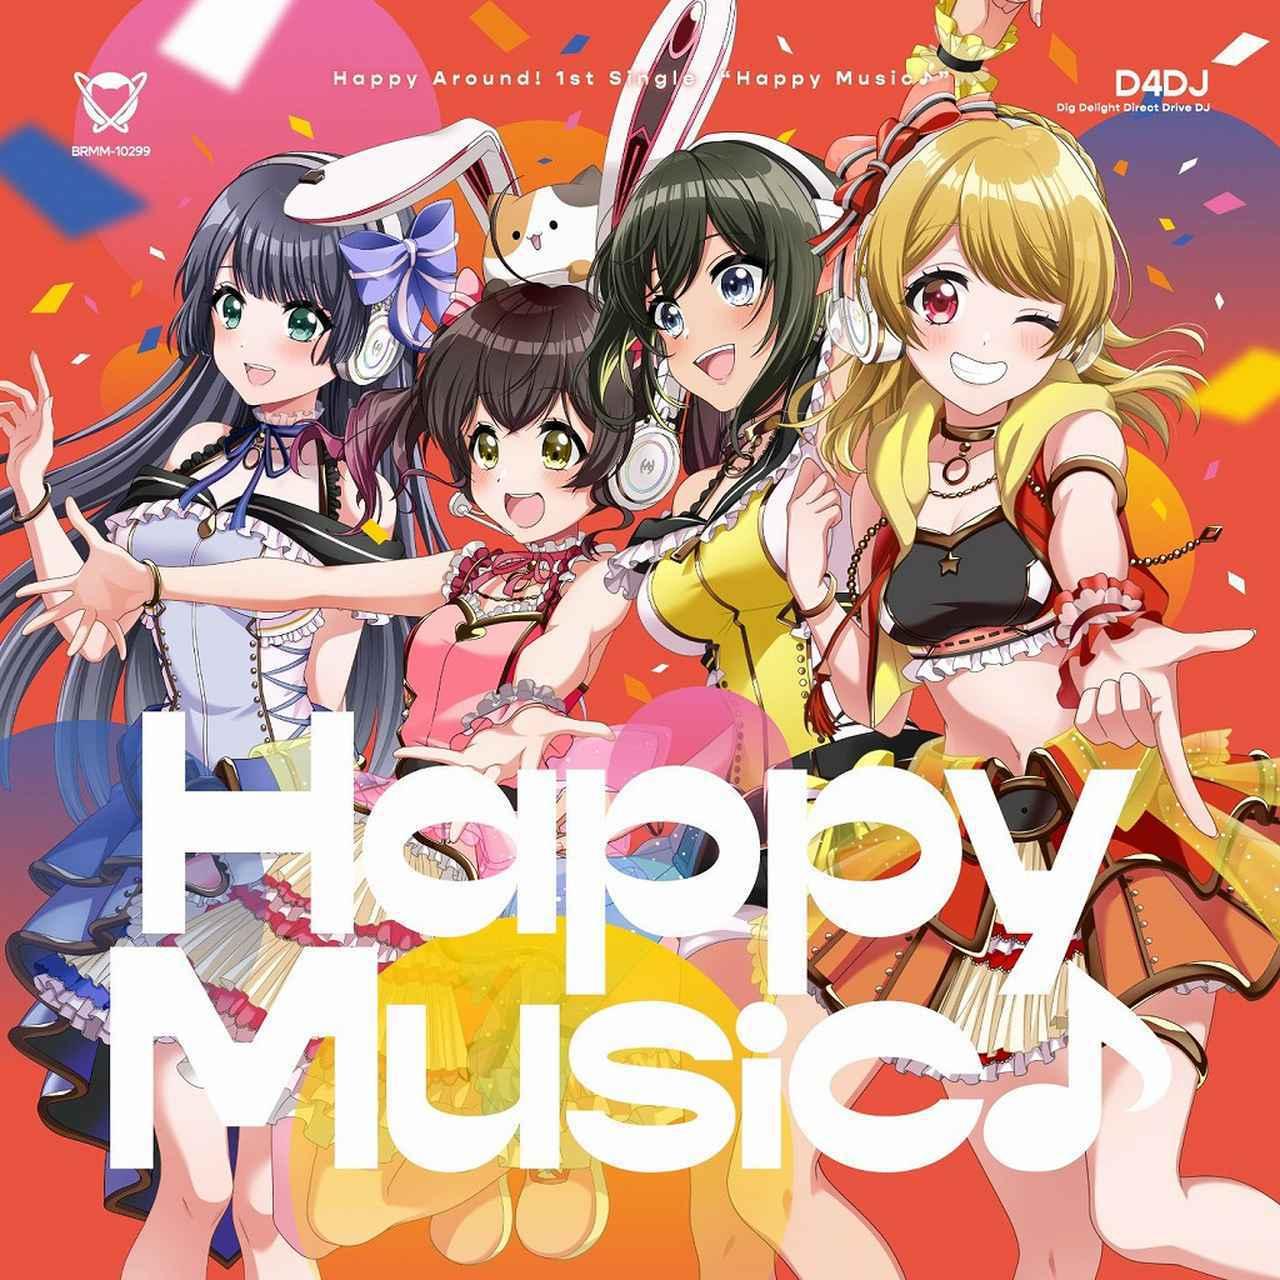 画像: Happy Music♪ / Happy Around!